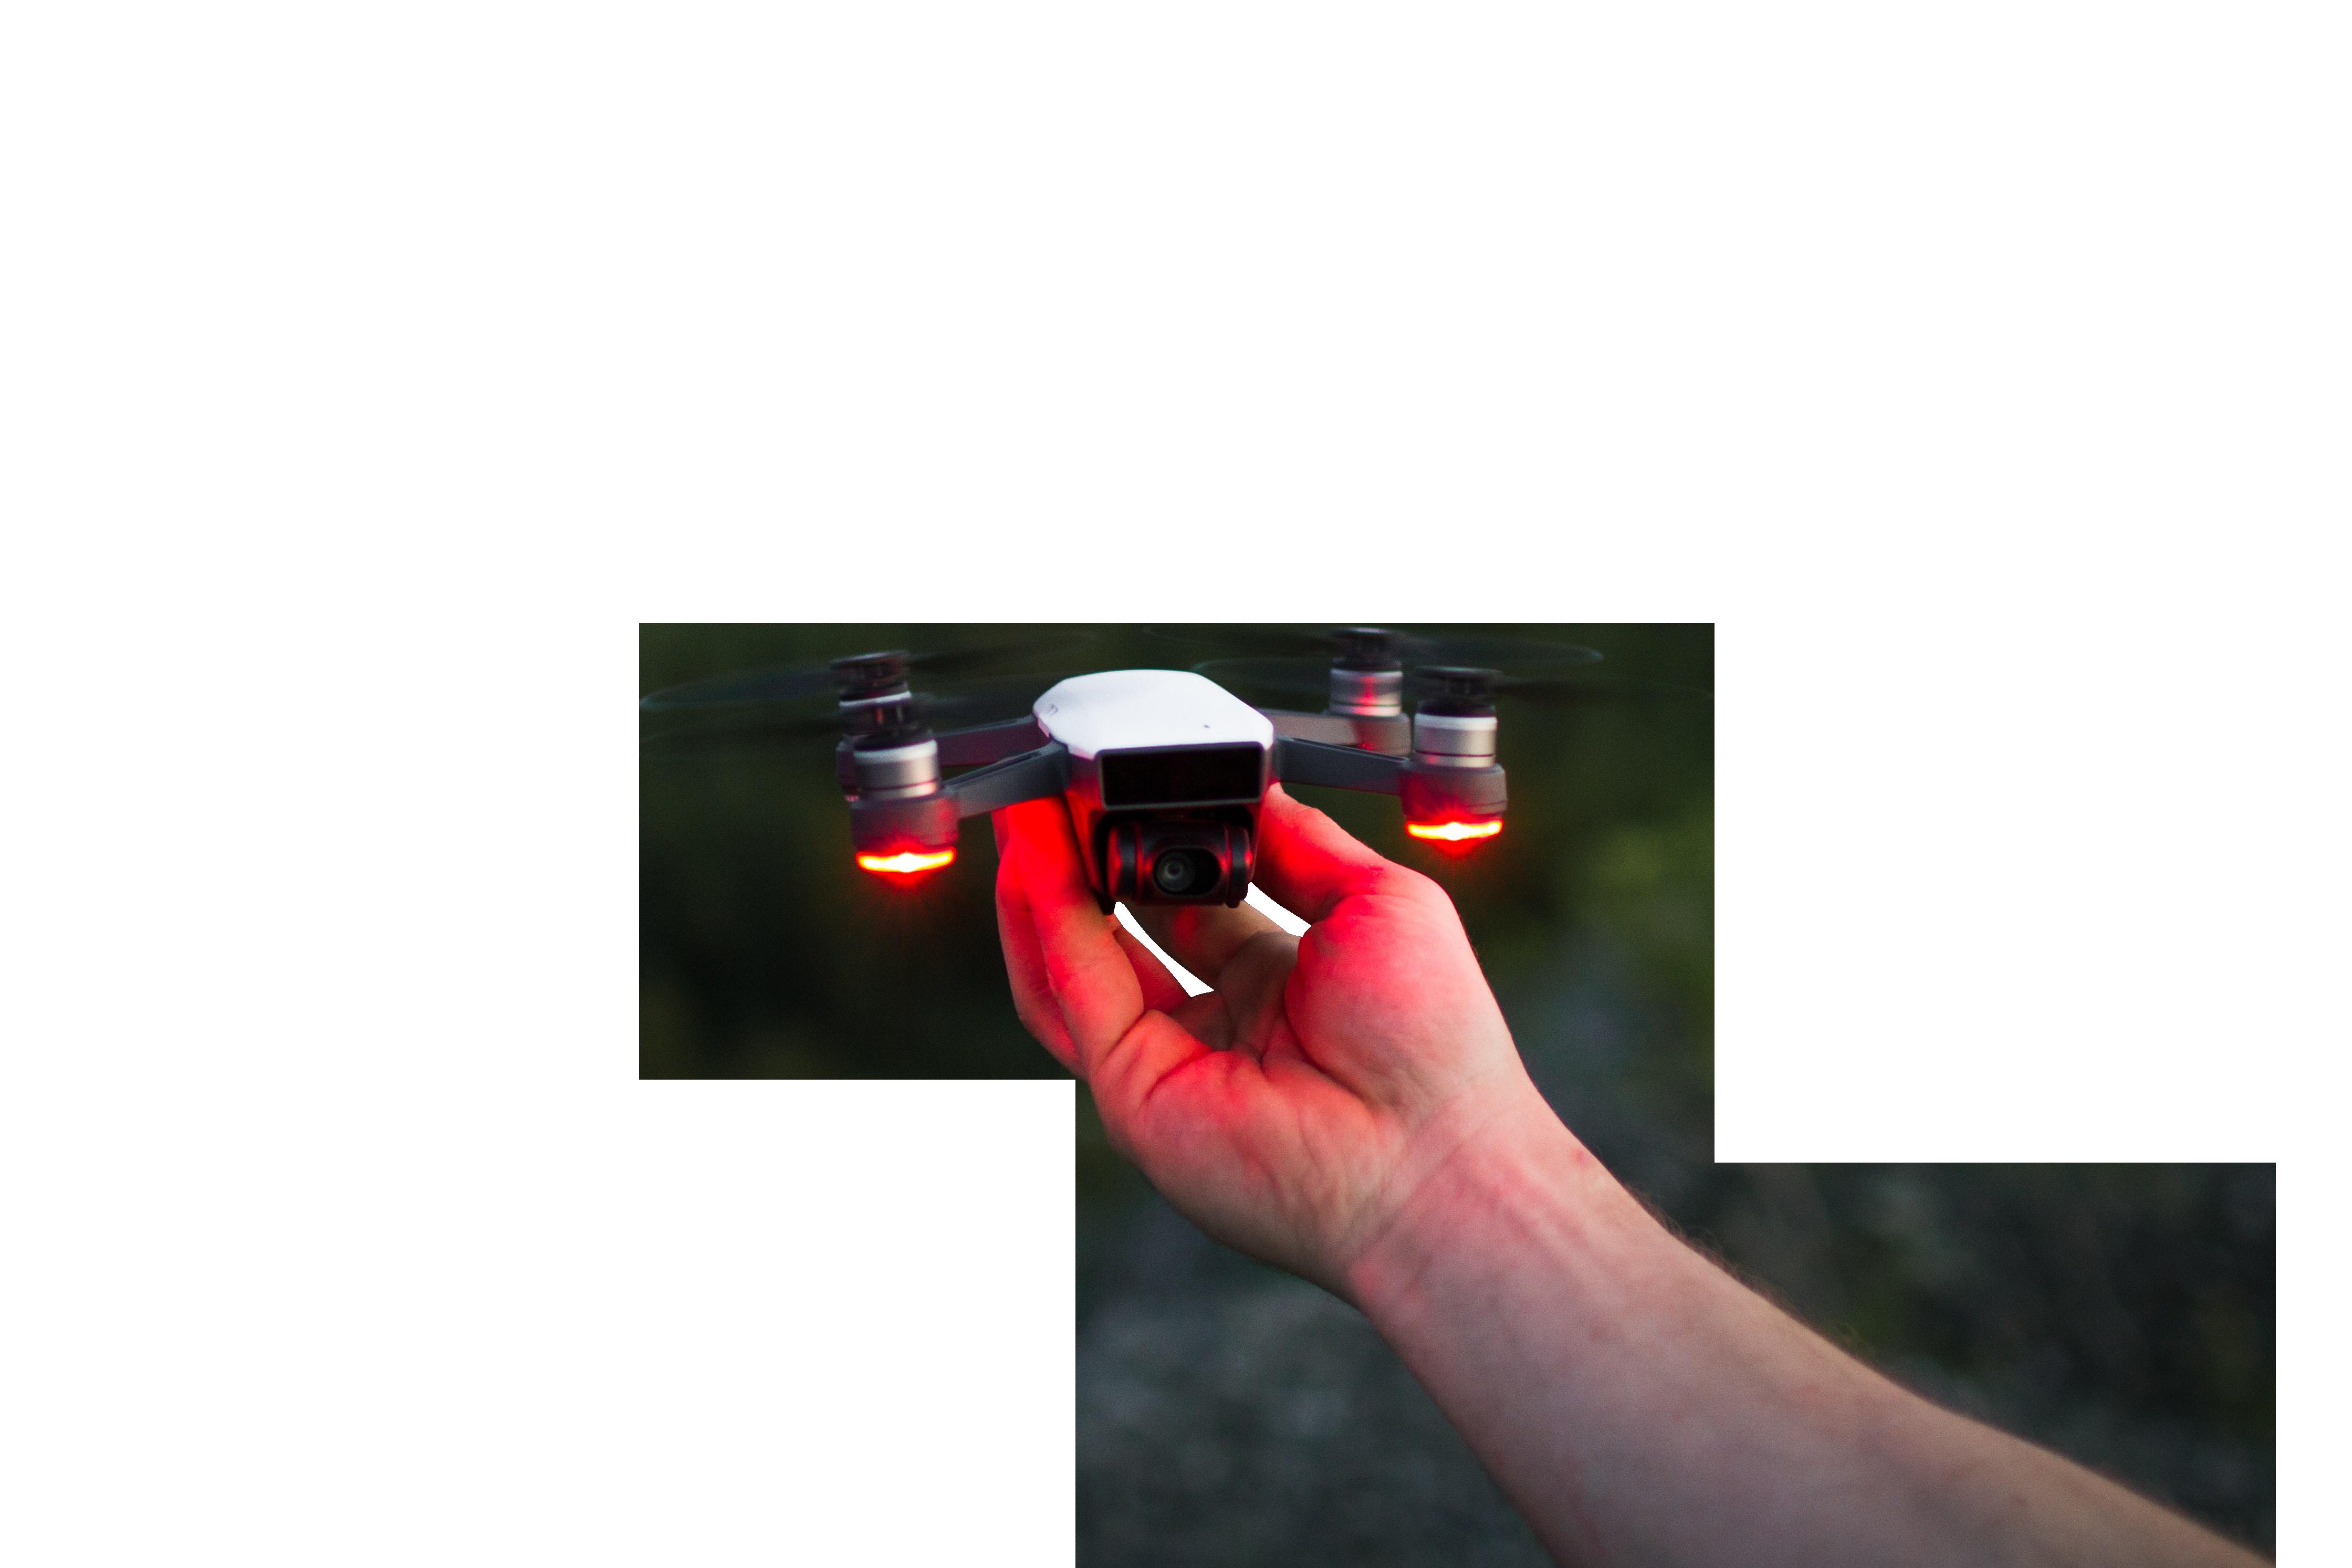 Man holding quad copter Transparent Background PNG